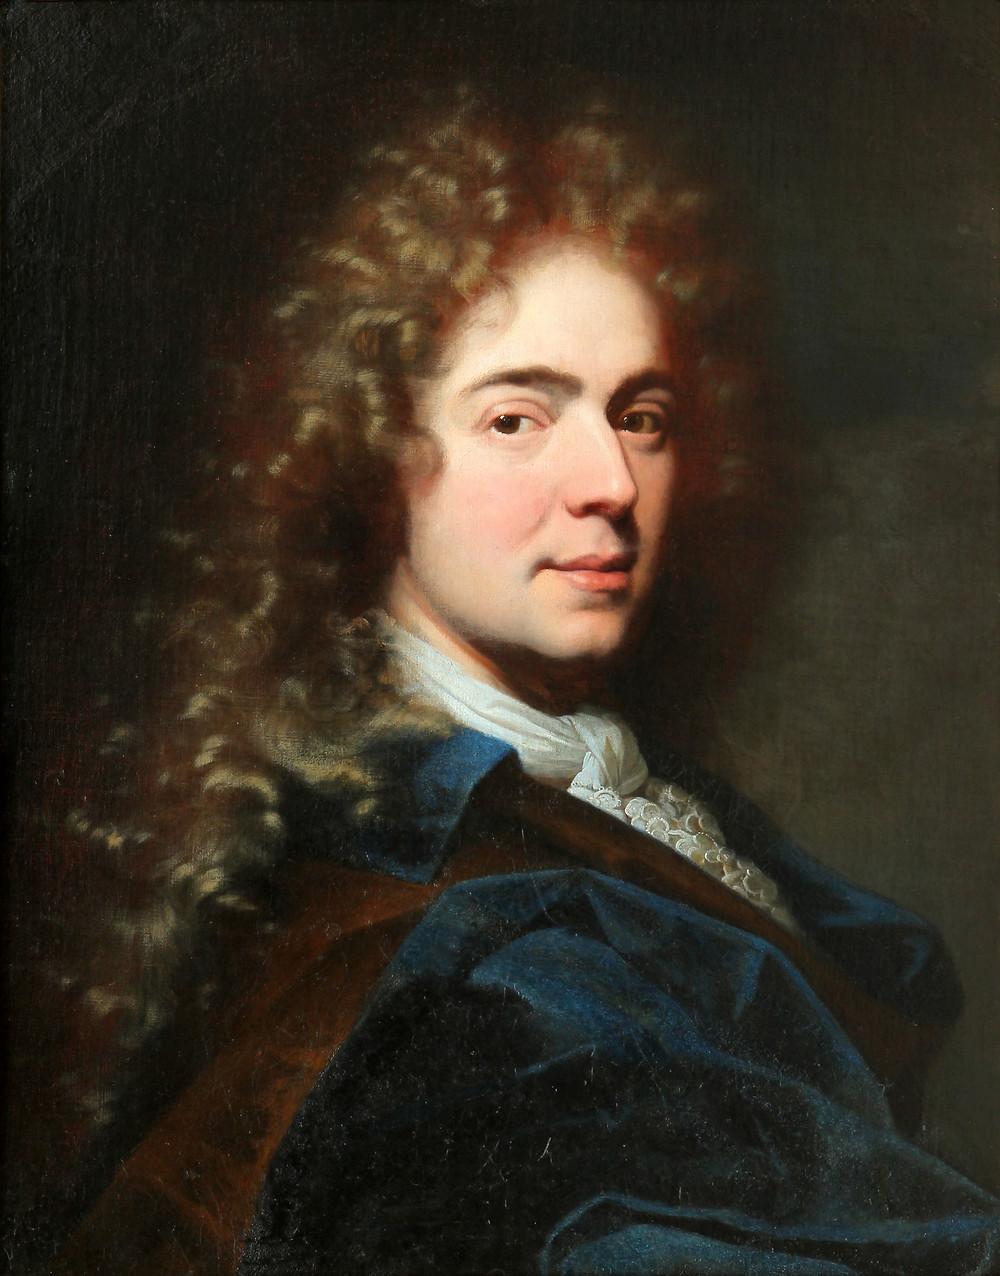 Hyacinthe Rigaud, Portrait de Monsieur Sarazin, 1685, collection particulière